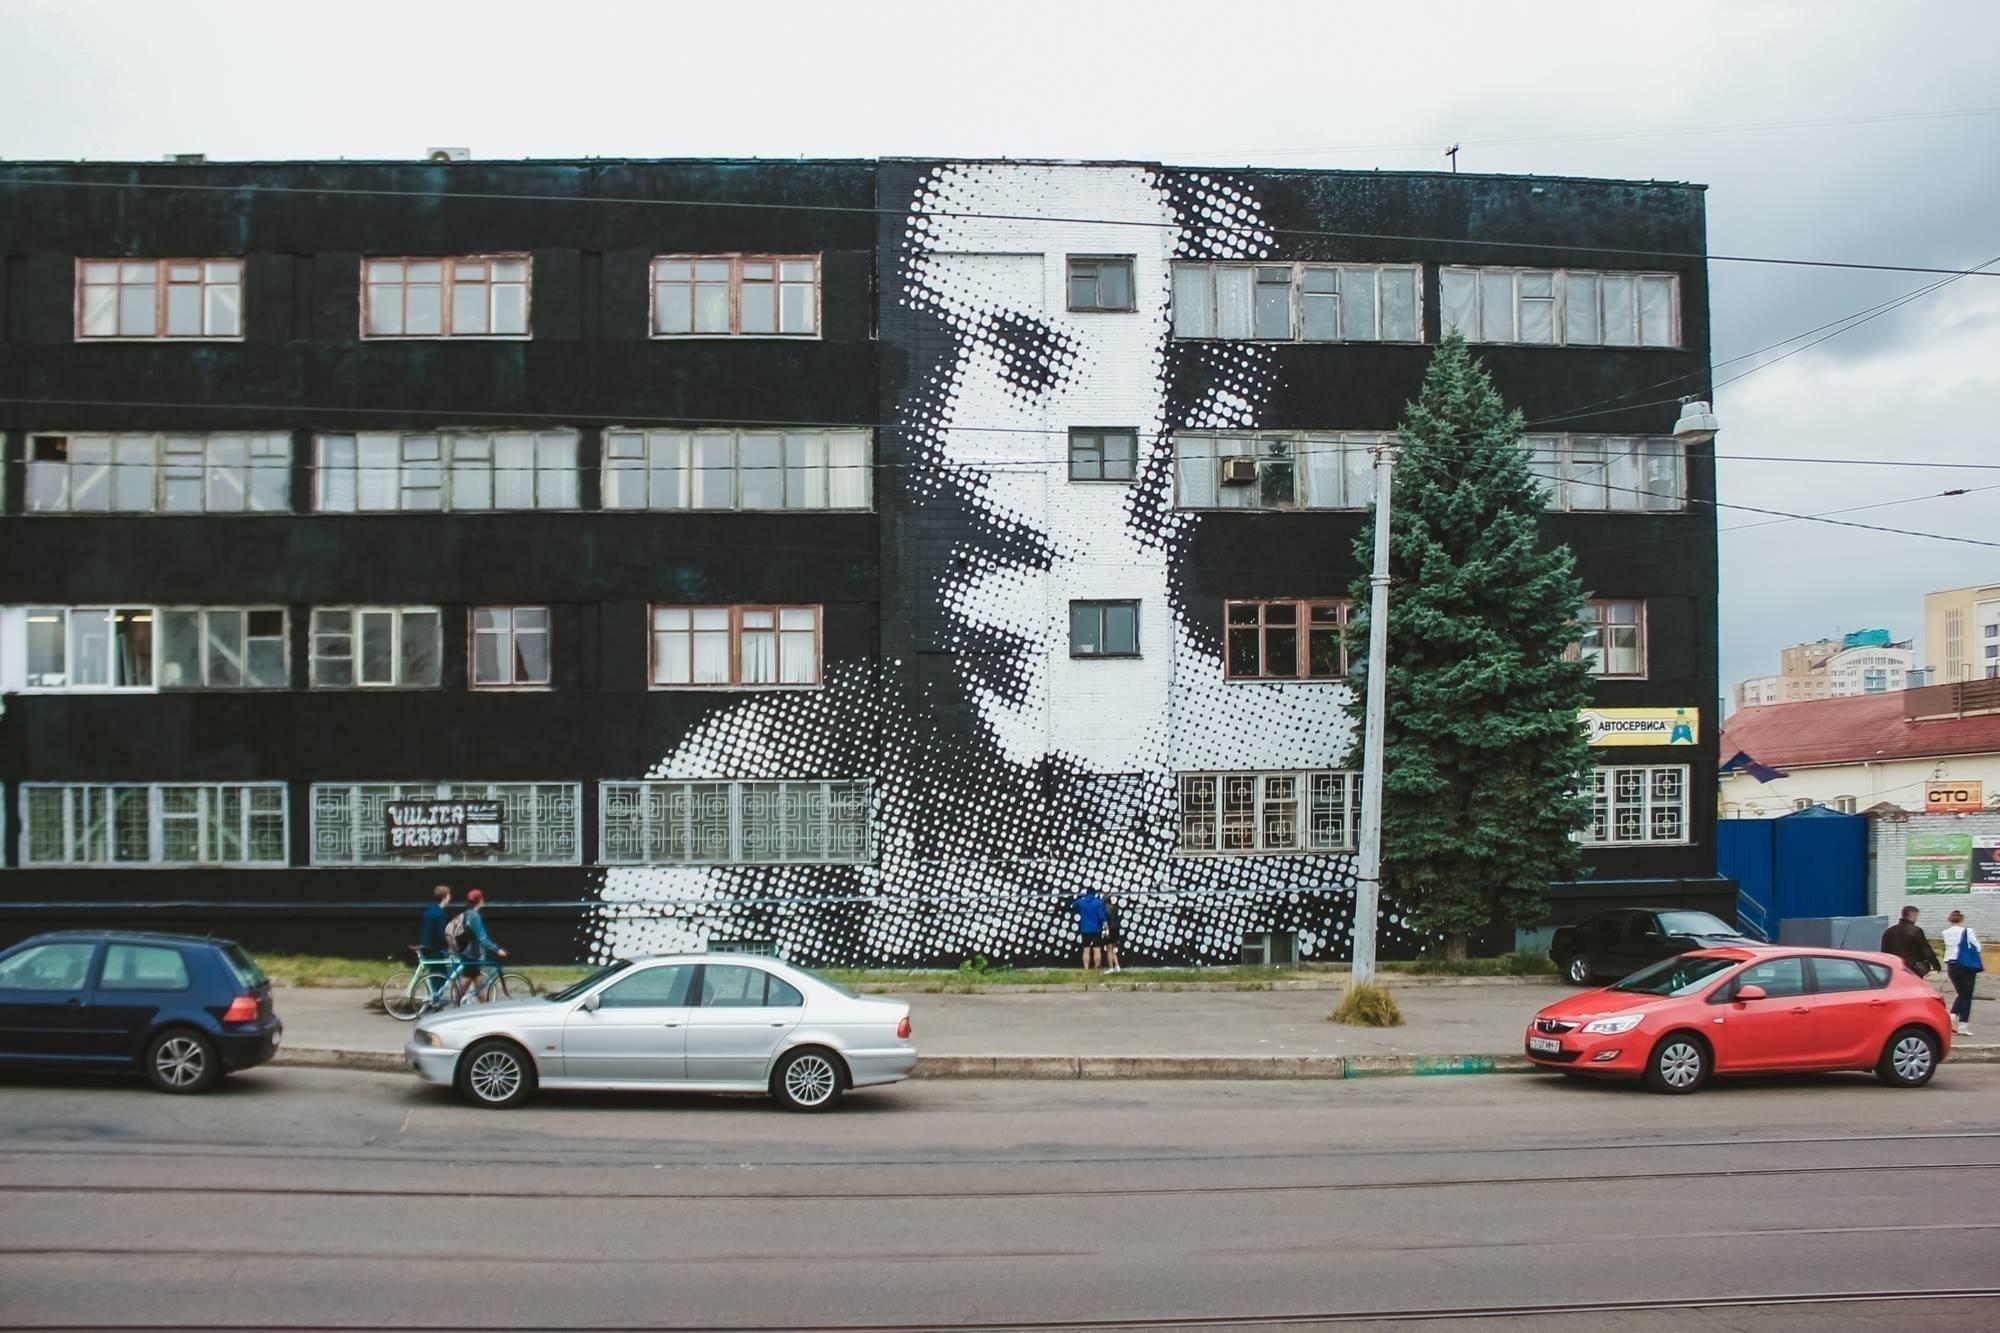 Граффити-портрет графа Чапского на улице Октябрьская, фото: Анастасия Рогатко